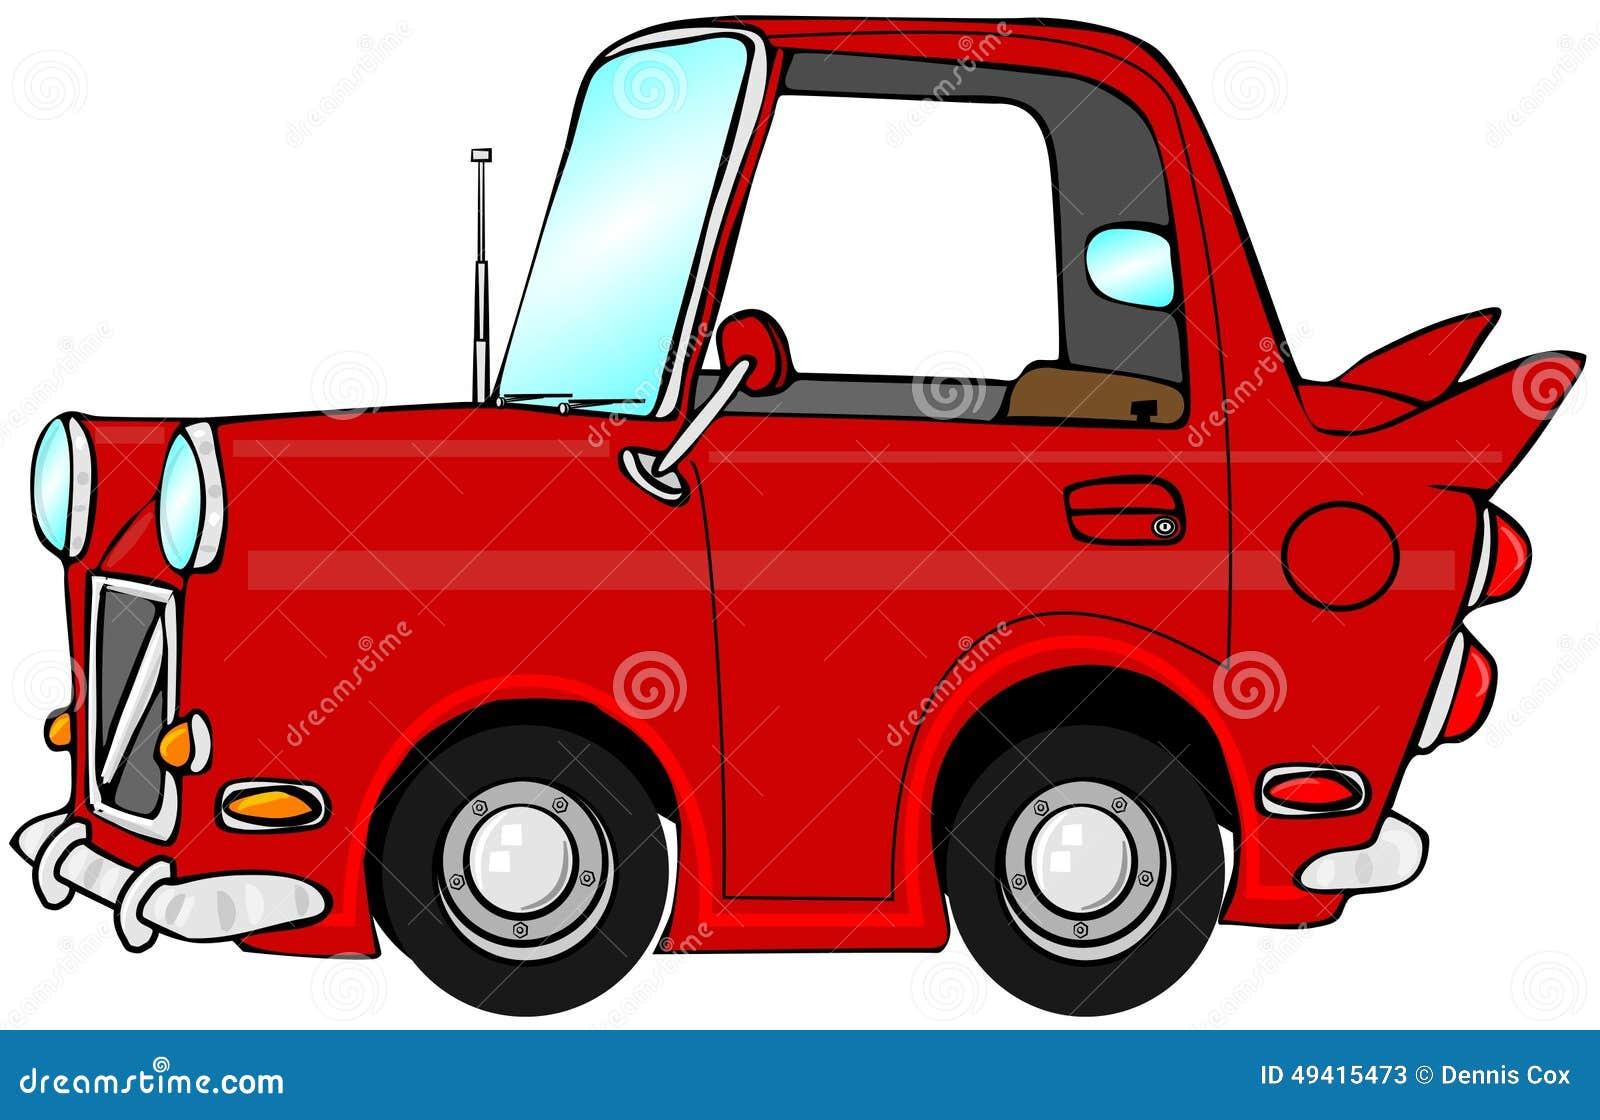 Download Nettes rotes Auto stock abbildung. Illustration von räder - 49415473